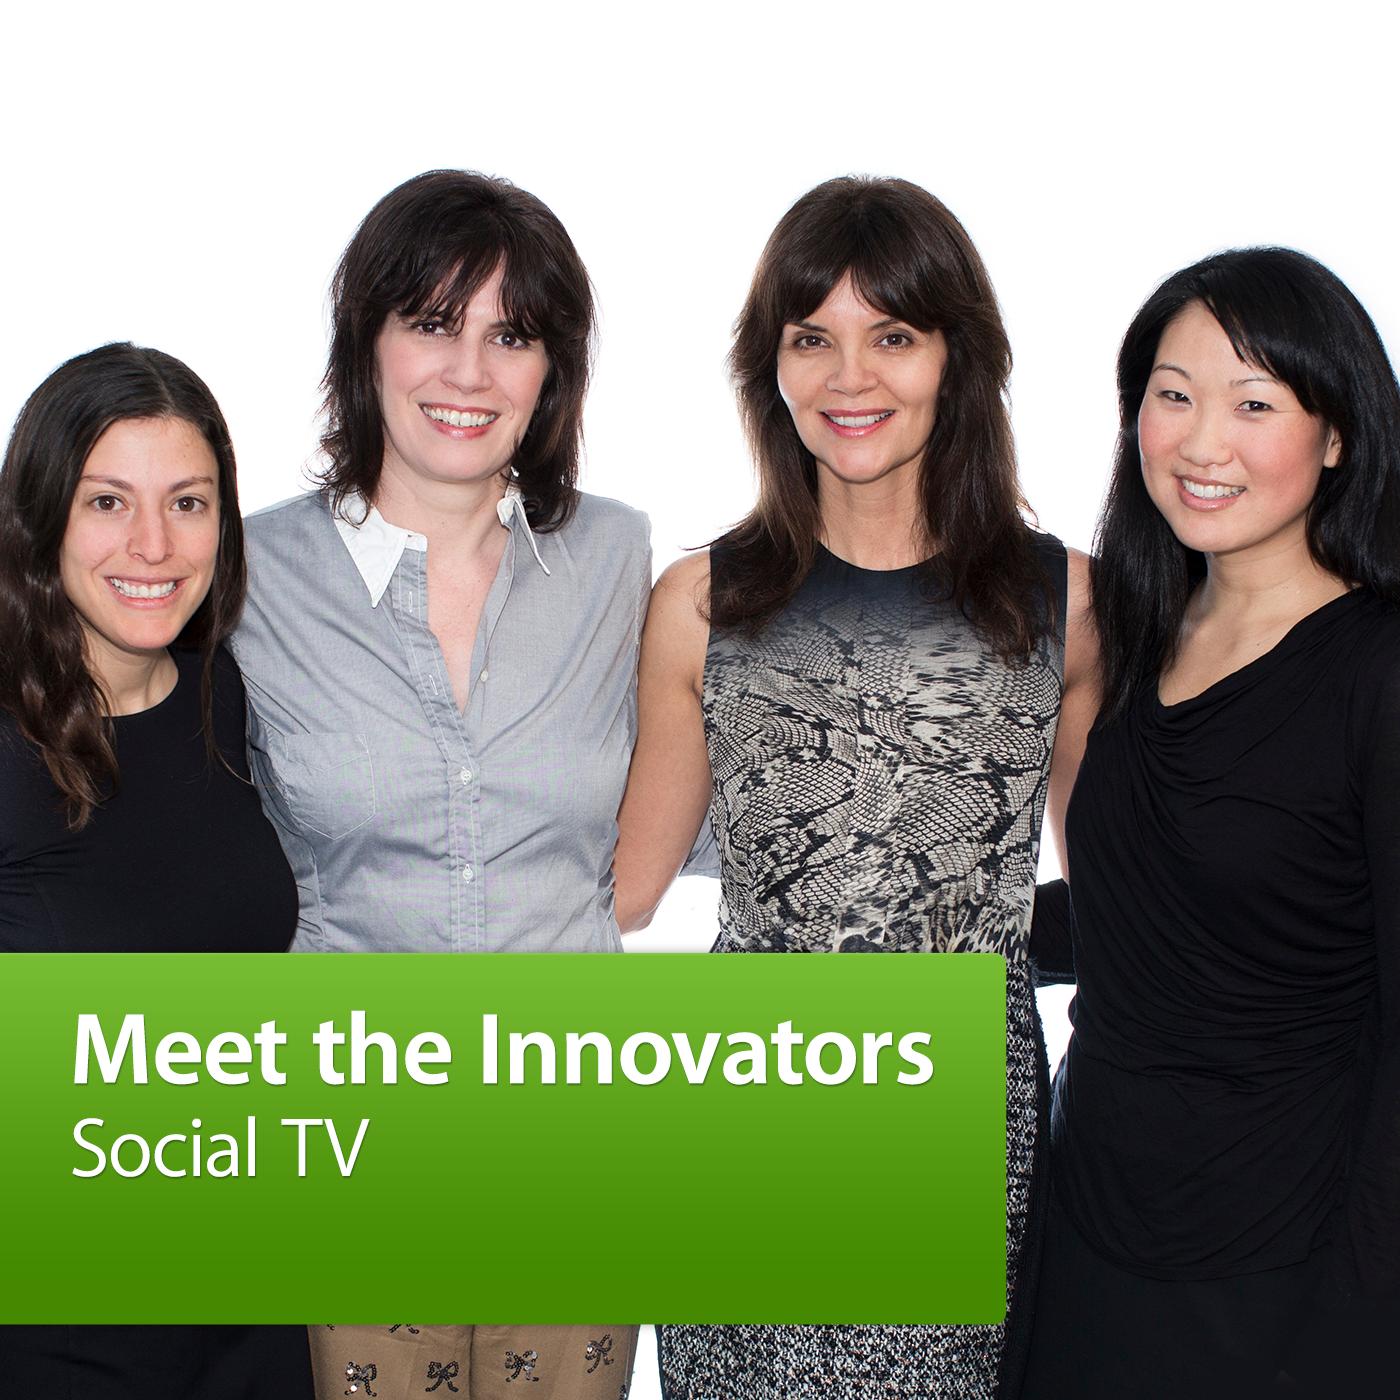 Social TV: Meet the Innovators